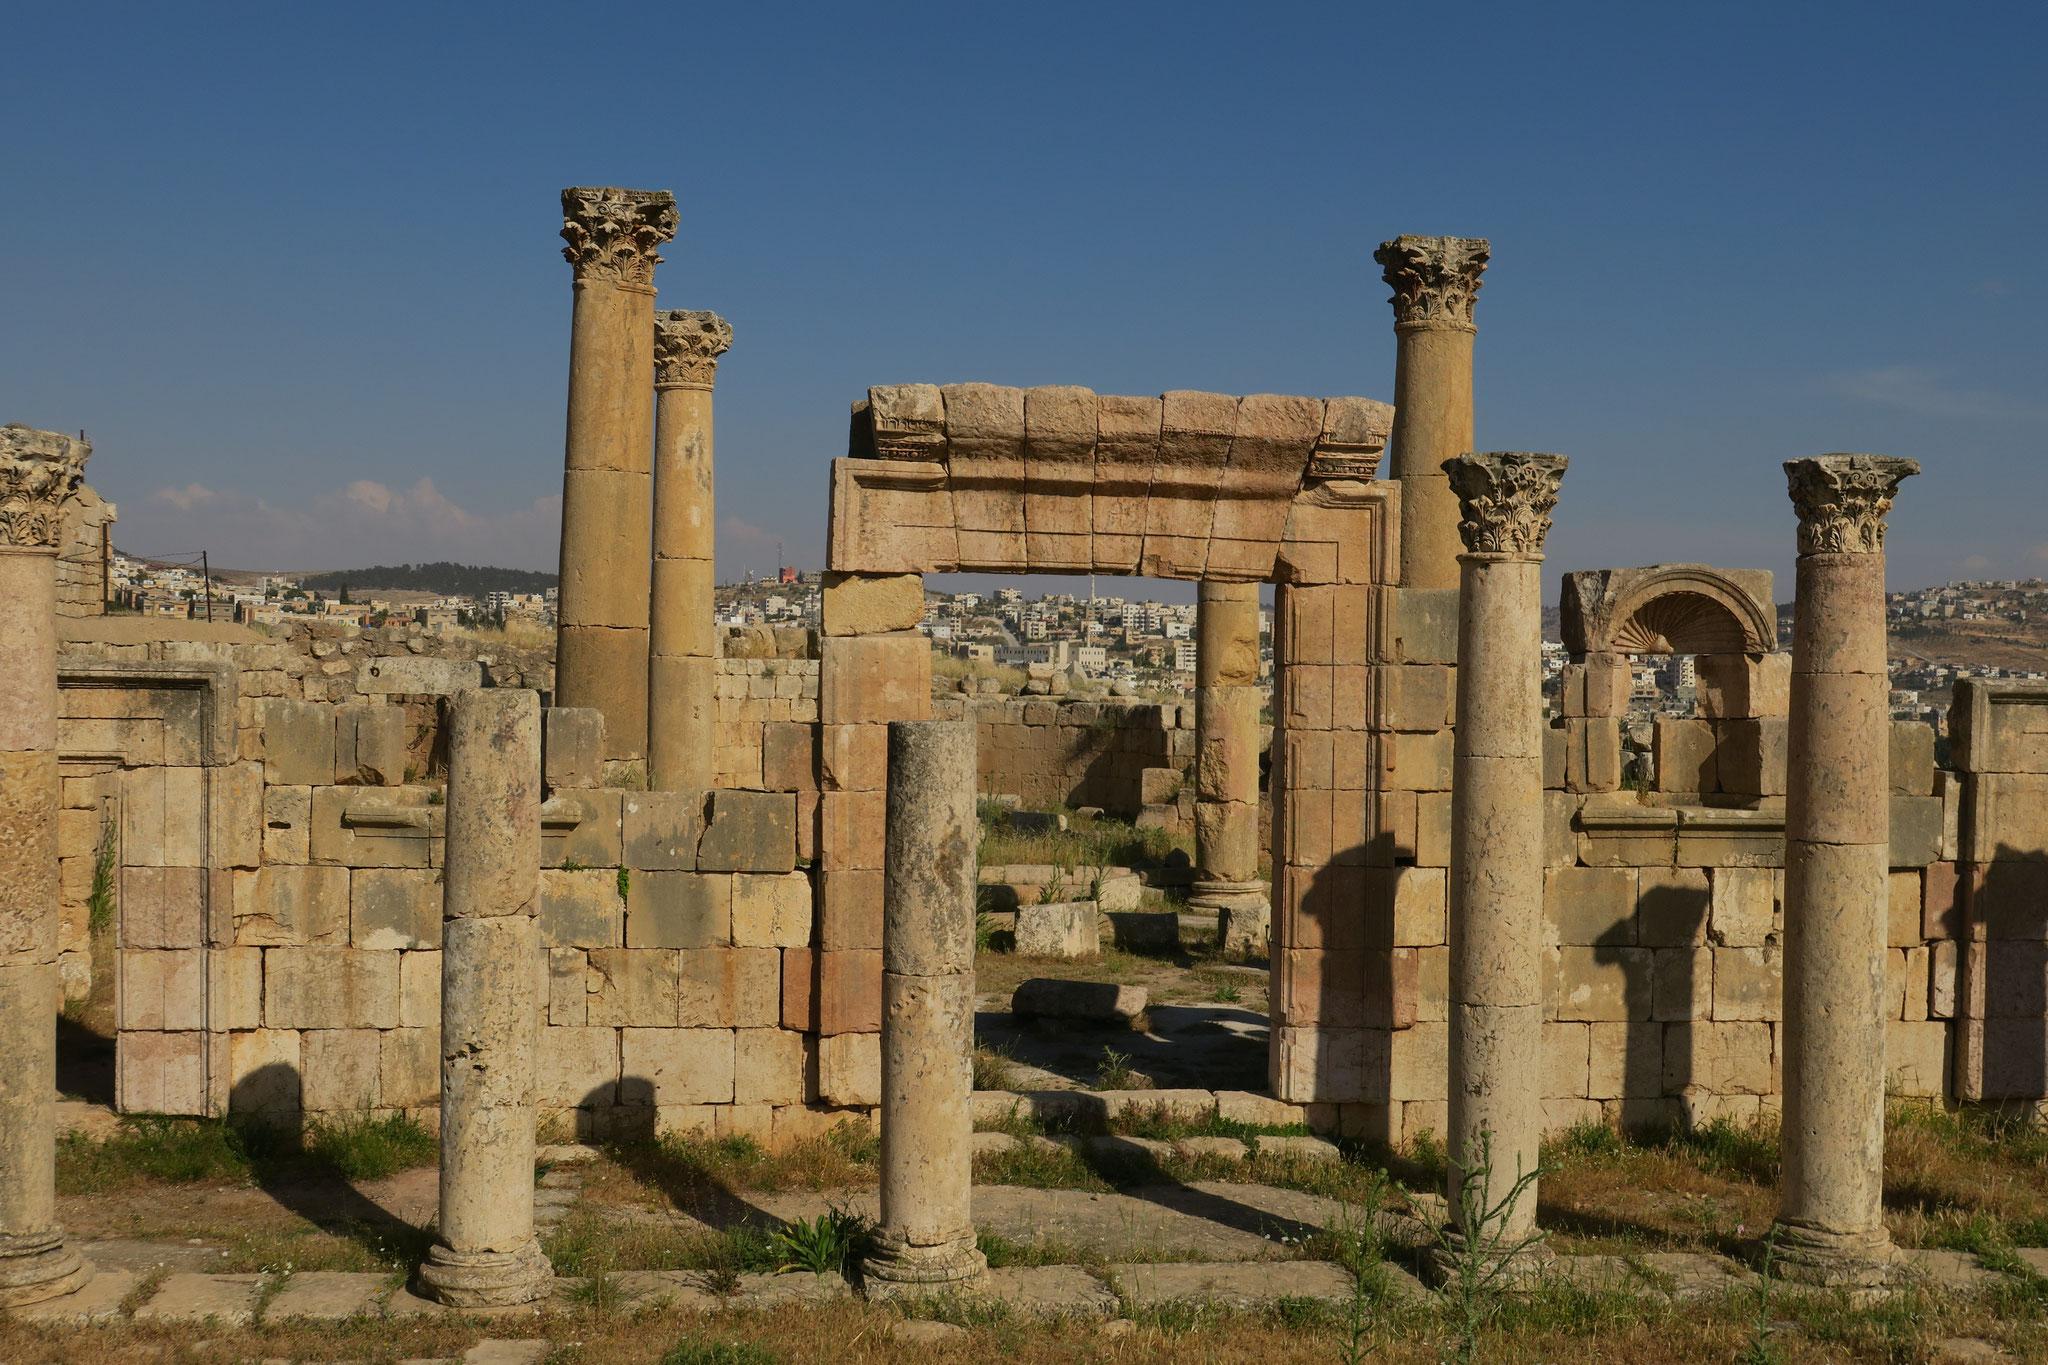 In der Stadt Jerash sind Stadtteile aus der Römerzeit erhalten und sie zählt zu den Besuchermagneten.